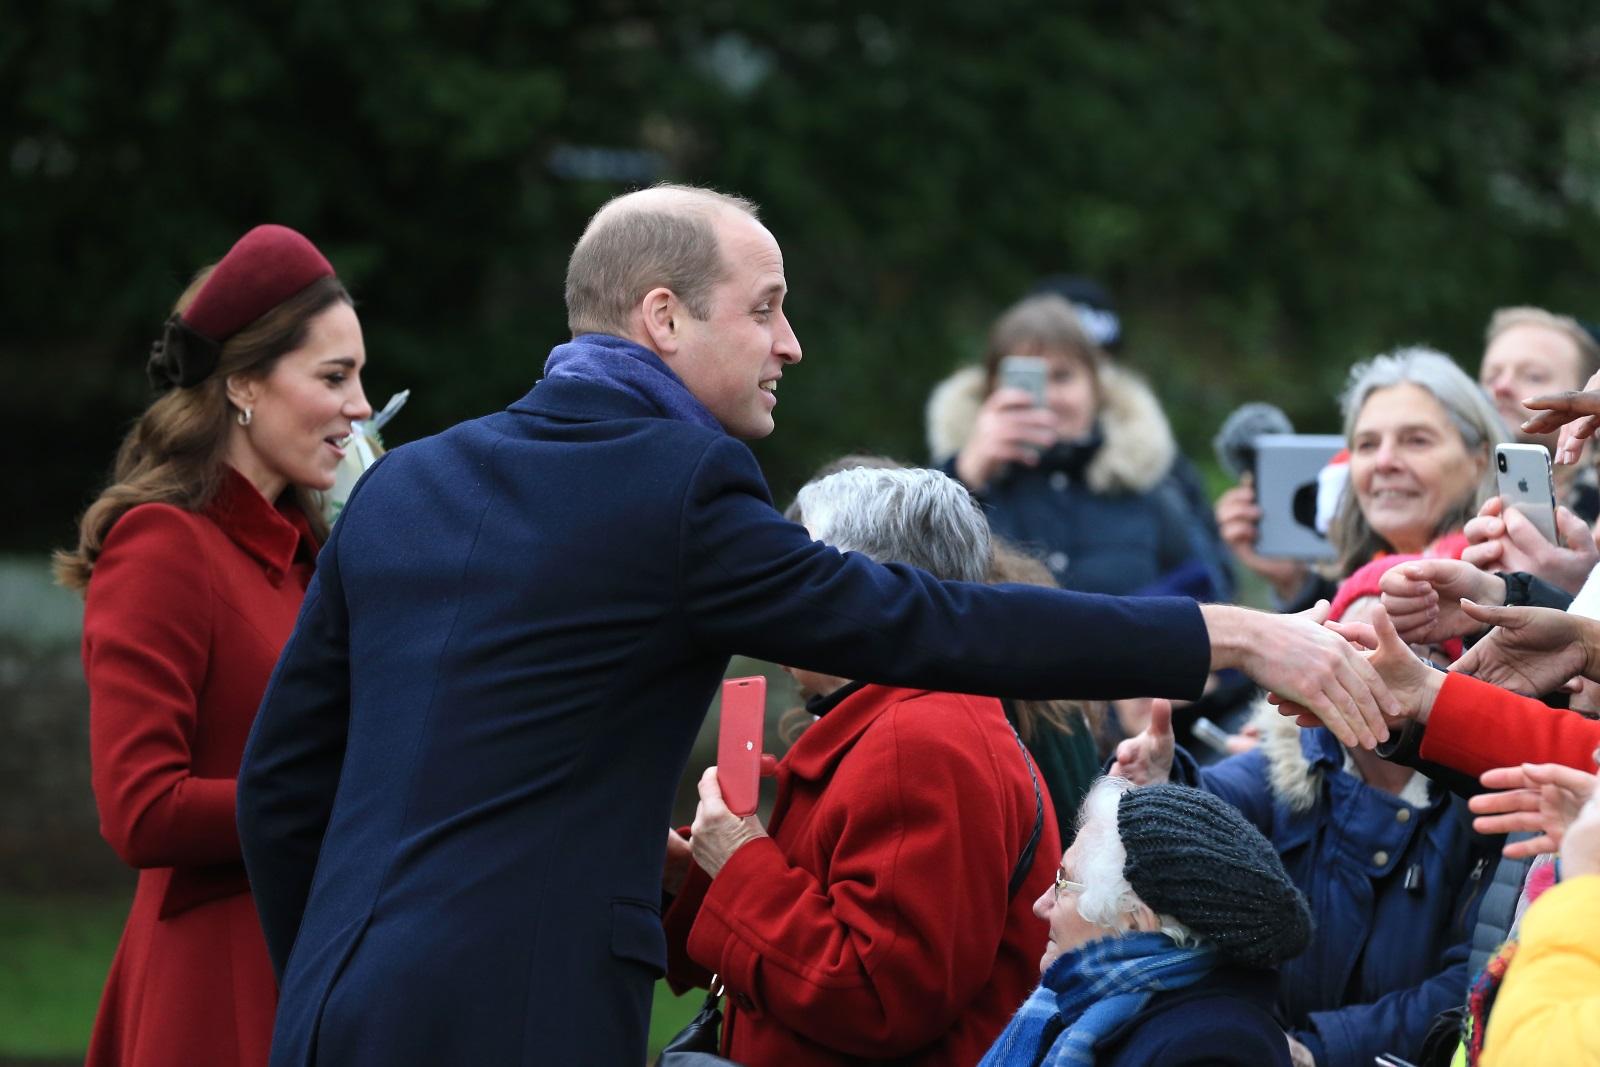 """Членовете на британското кралско семейство отидоха заедно на празнична служба. Кралица Елизабет II, принц Филип и синовете му - принцовете Уилям и Хари и съпругите им - херцогините Кейт Мидълтън и Меган Маркъл присъстваха на коледна служба в църквата """"Св. Мария Магдалина"""" в имението Сандрингам, Норфолк."""